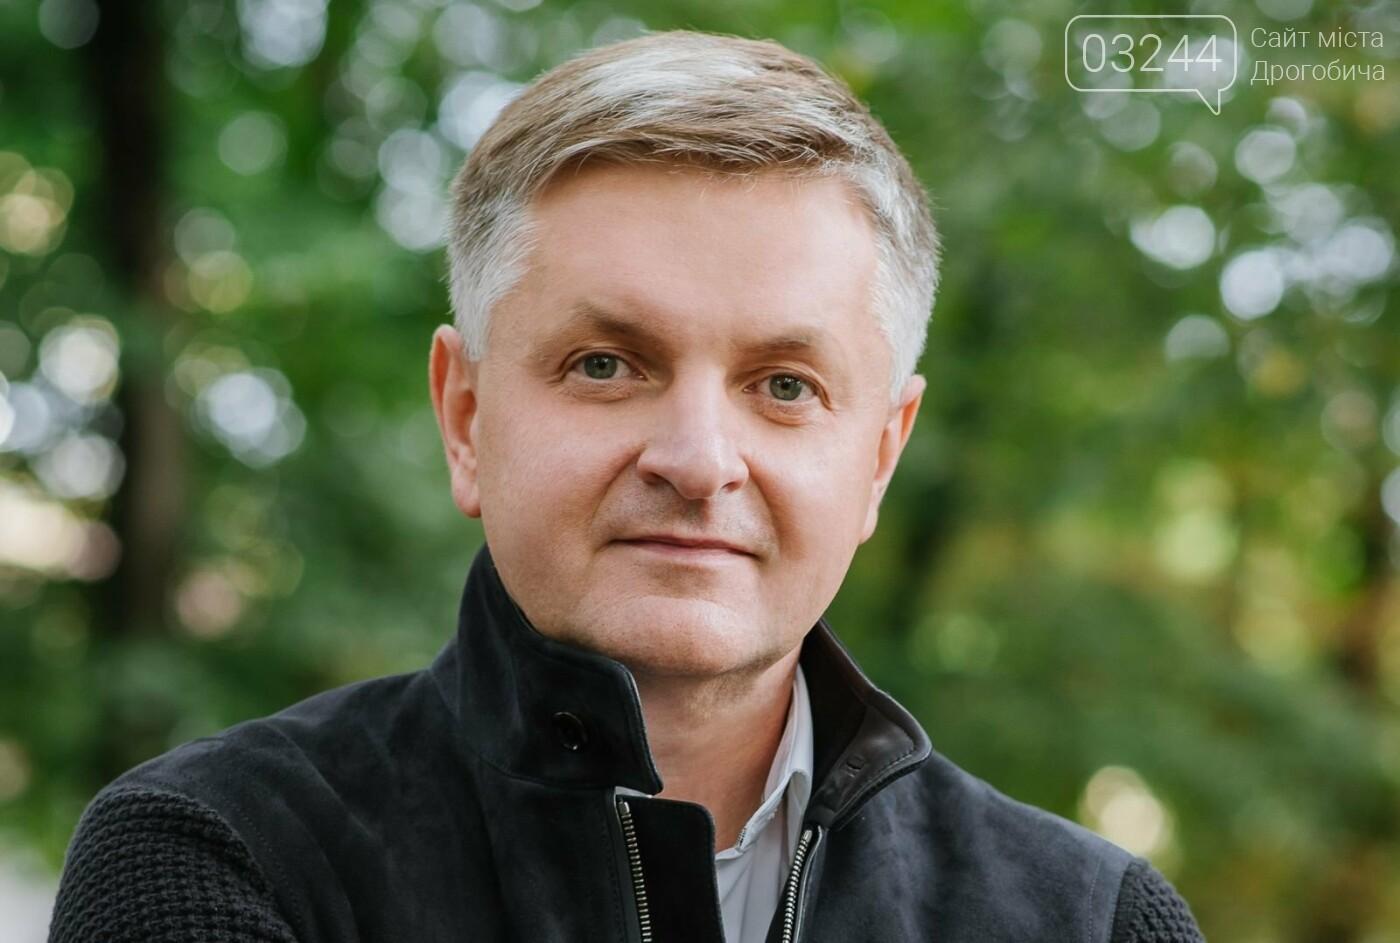 Вибори на Дрогобиччині: Патріотичні сили підтримали Андрія Веселого як кандидата на посаду голови ОТГ, фото-1